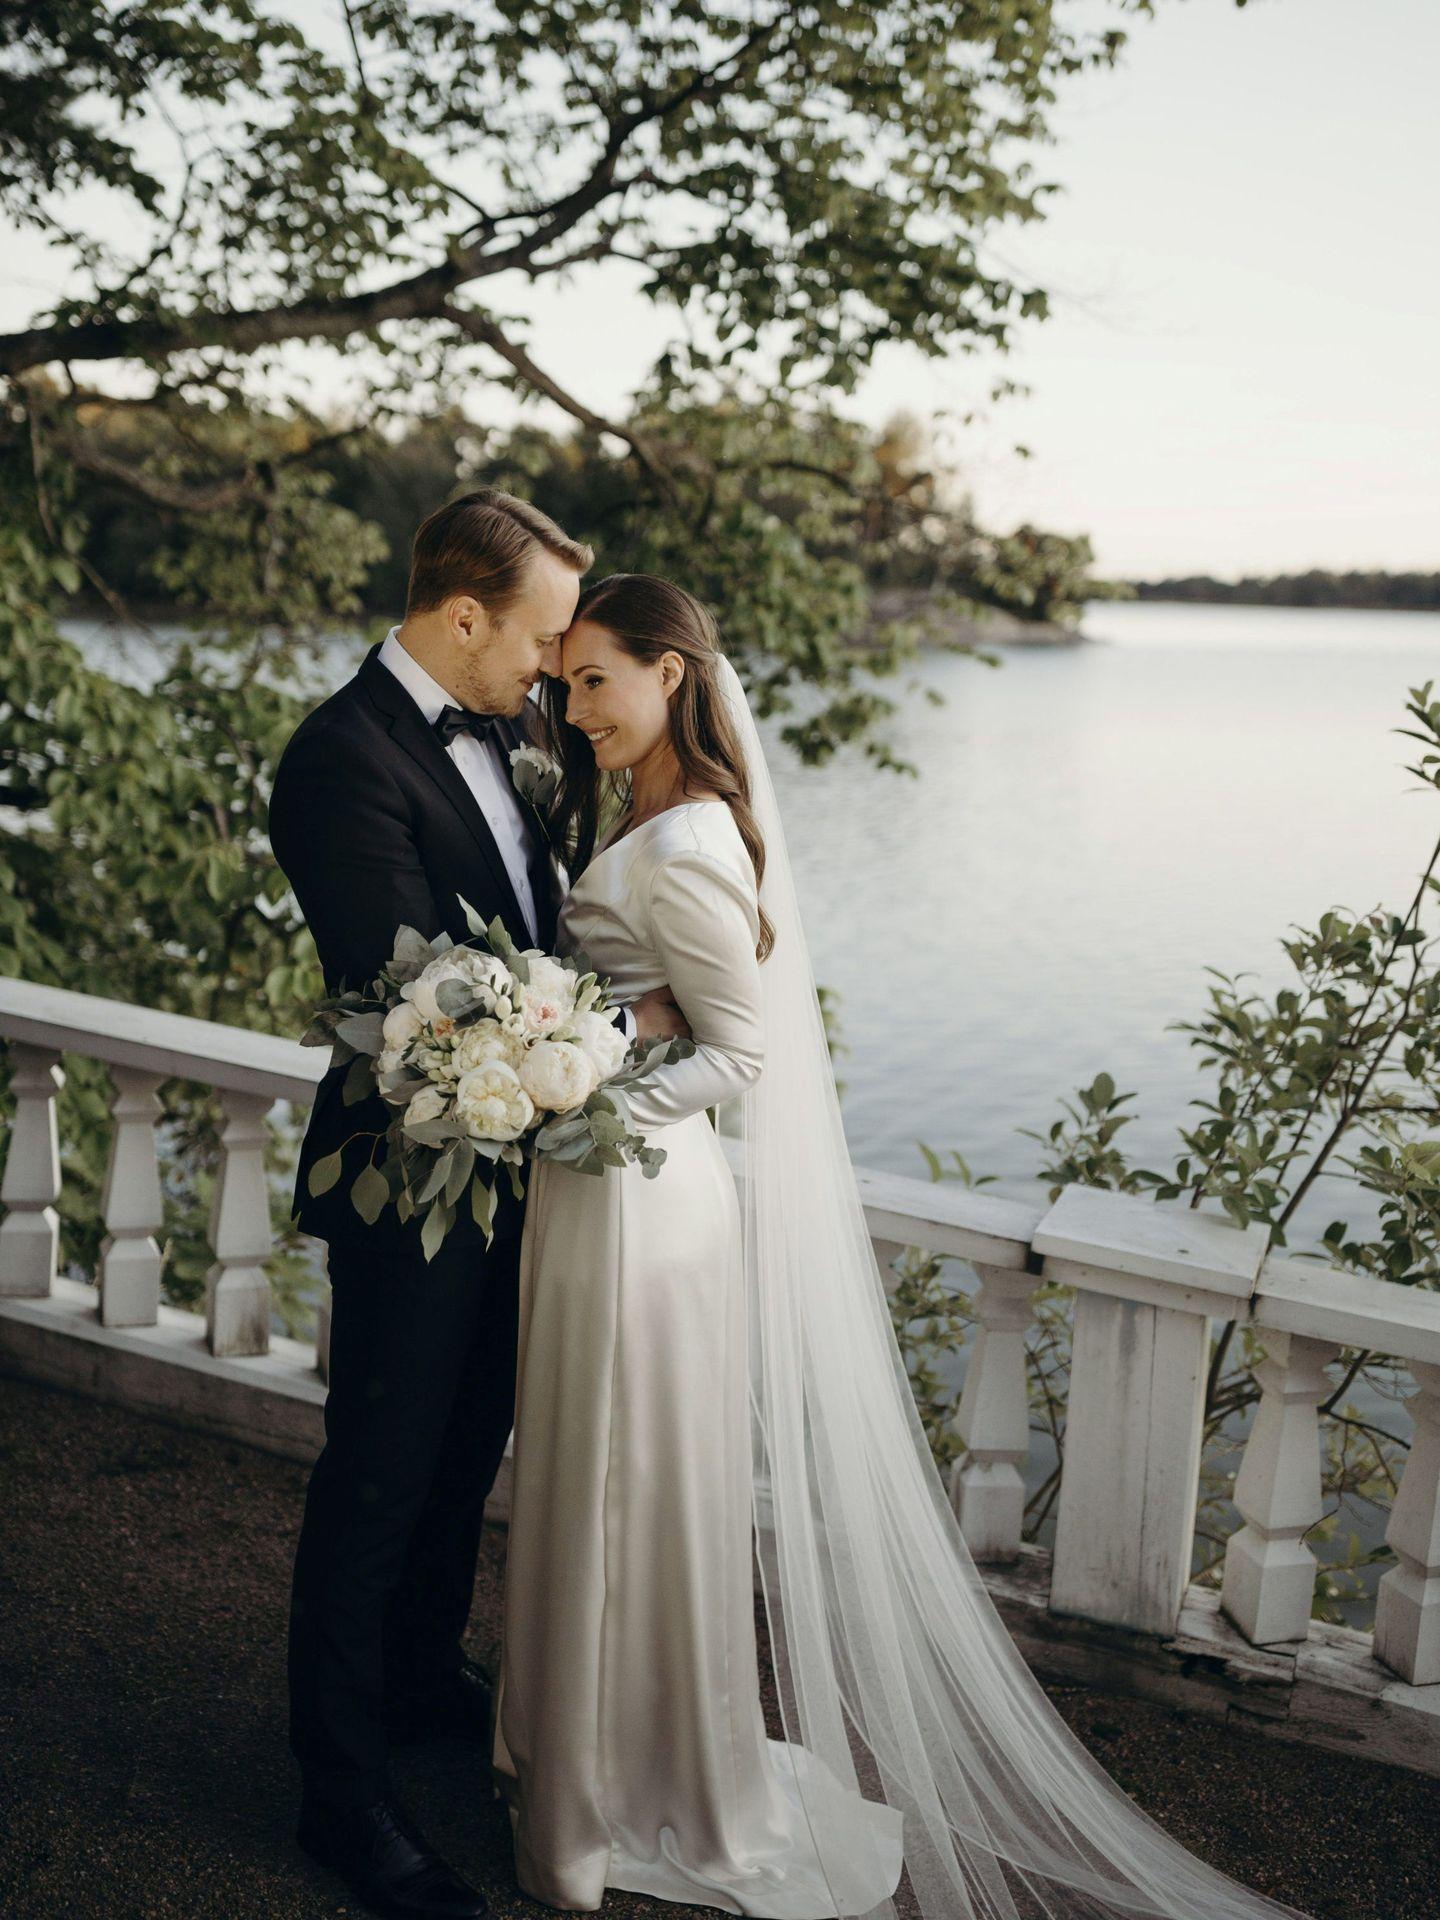 Sanna Marin y Markus Raikkonen posan en su residencia de Kesaränta. (Reuters)